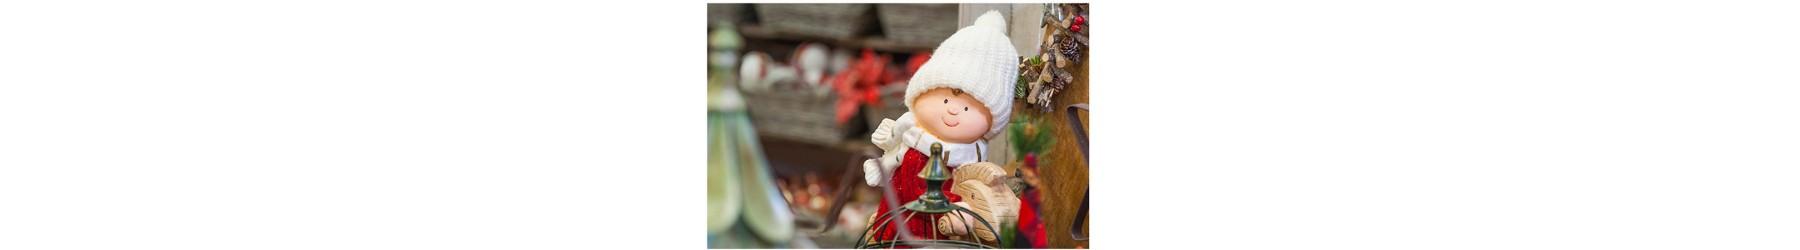 Χριστουγεννιάτικα διακοσμητικά για το παιδικό δωμάτιο